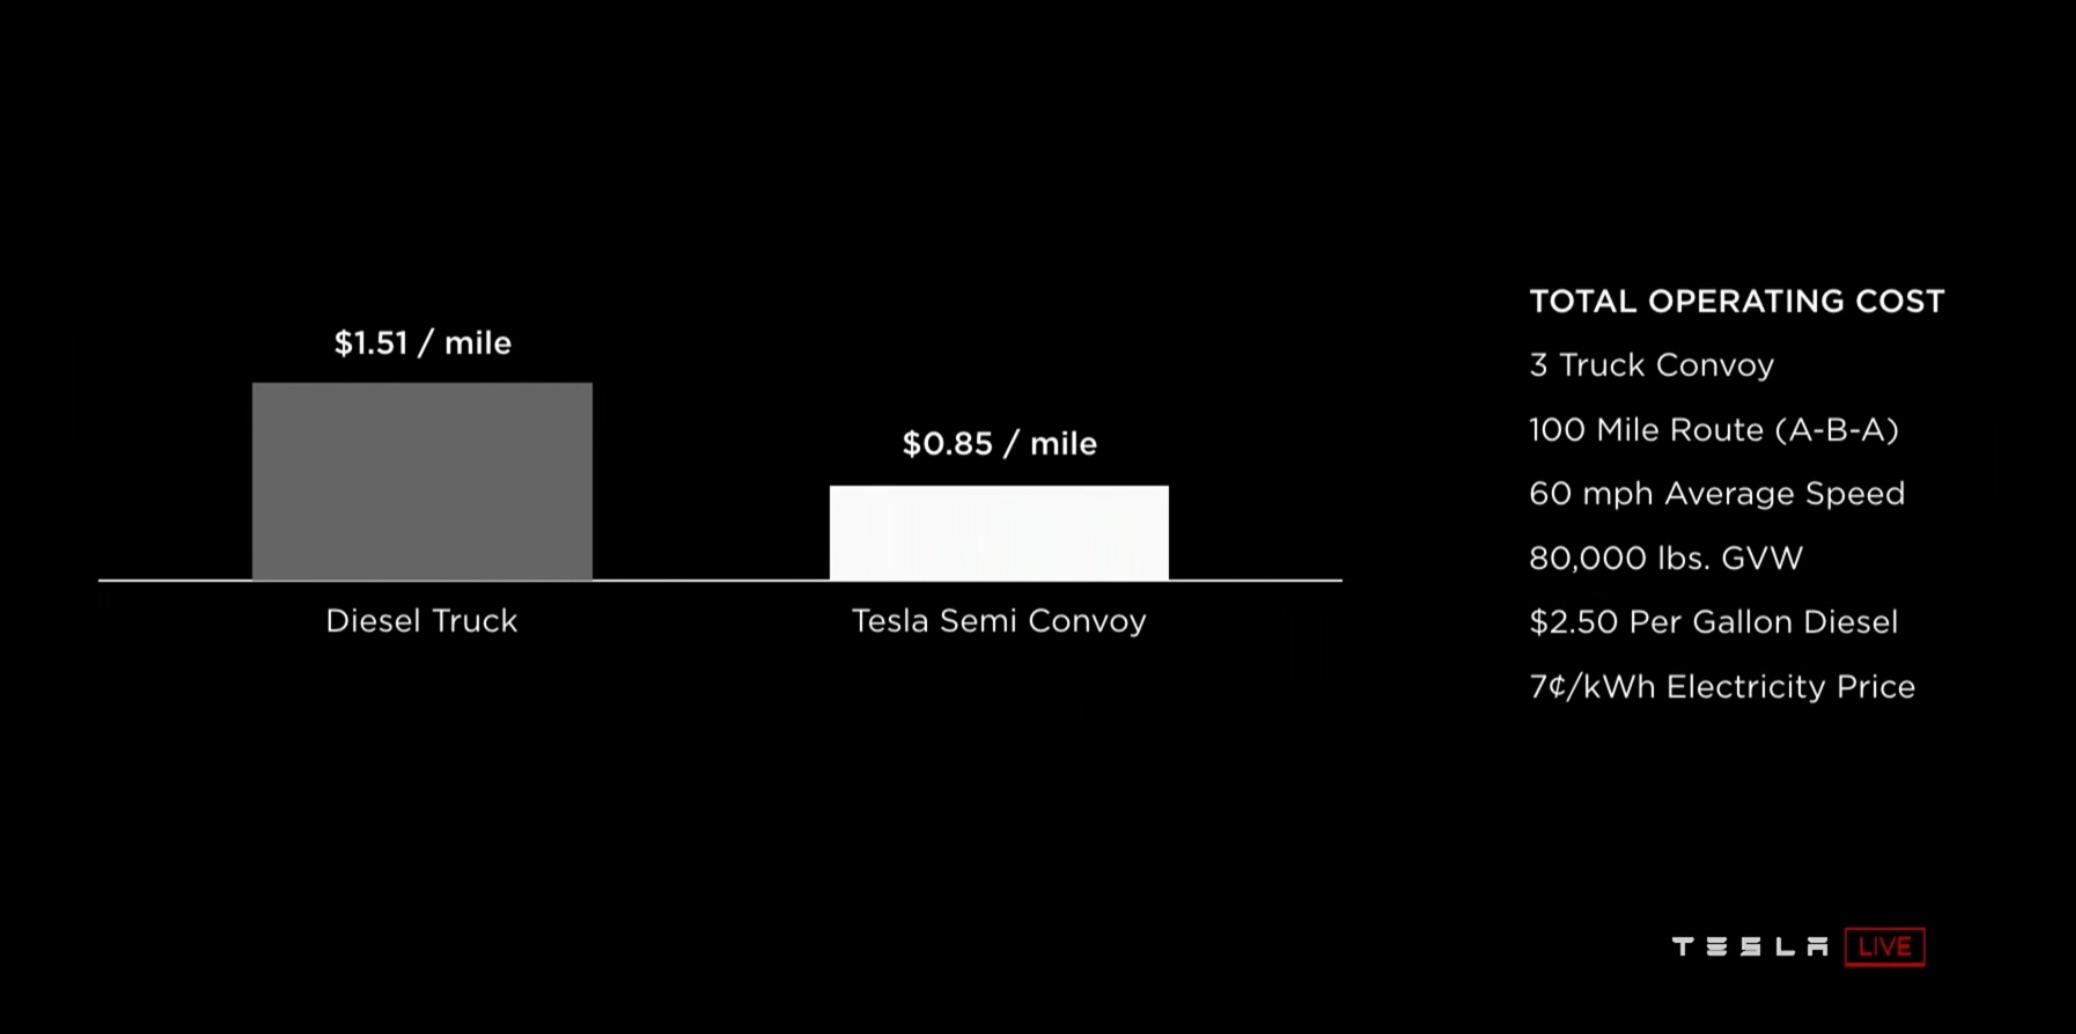 tesla-semi-vs-diesel-cost-mile-ownership